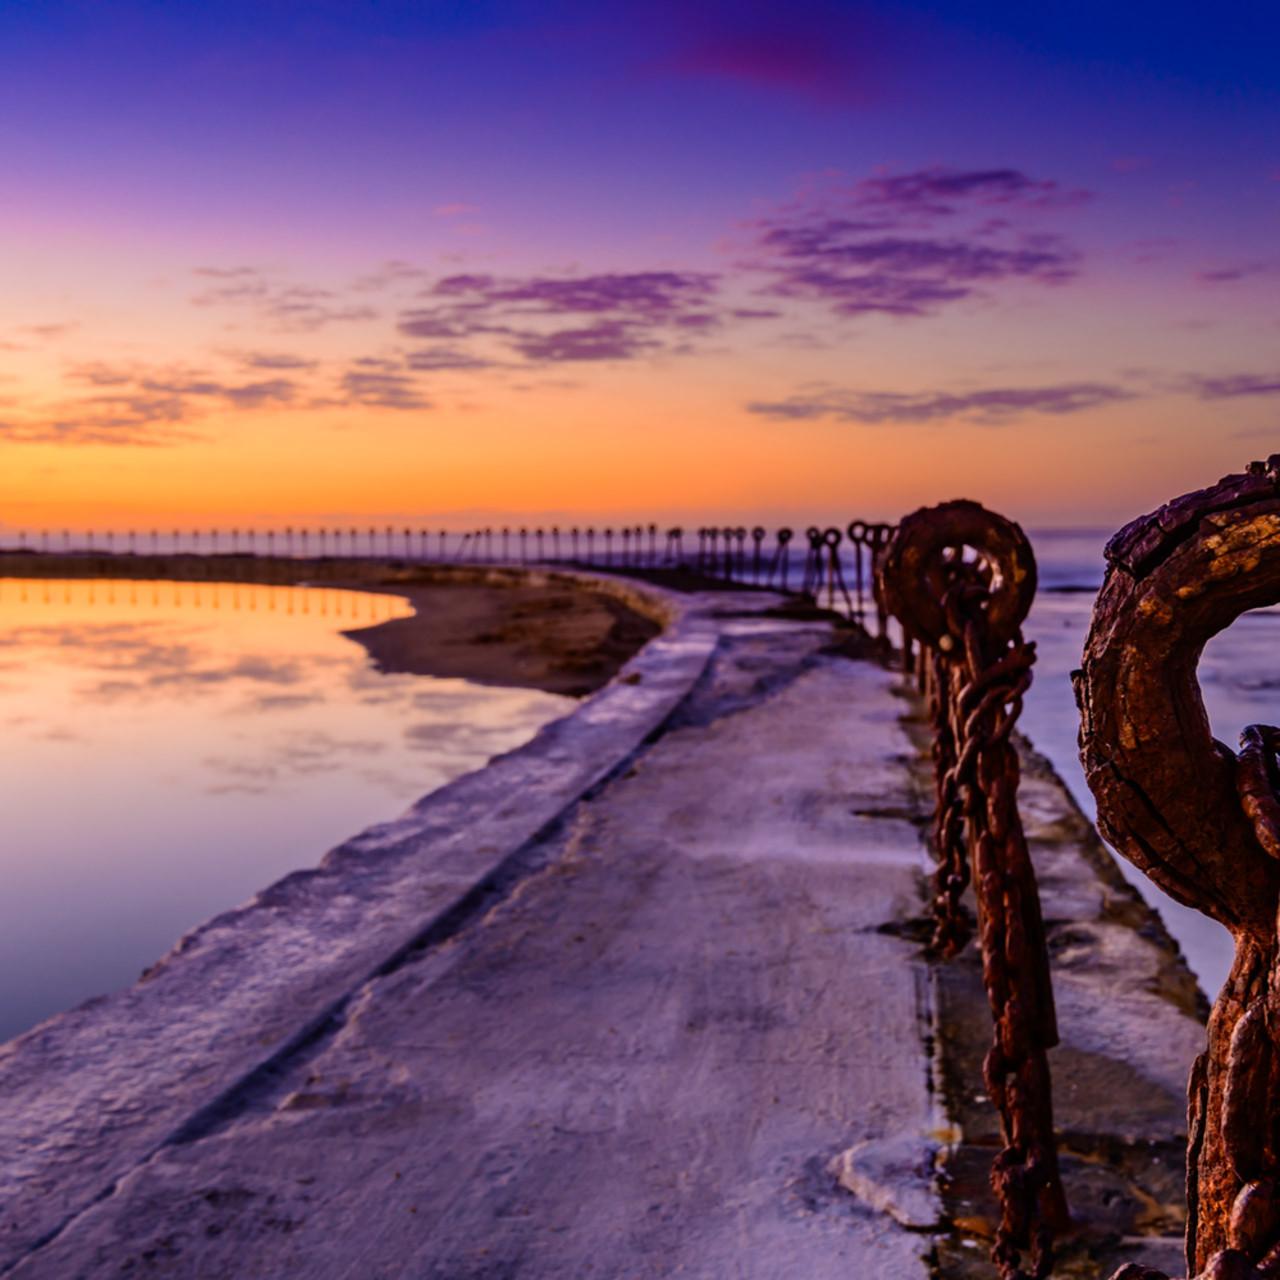 Eye of newy canoe pool newcastle ocean baths nsw australia sunrise fkqtlc